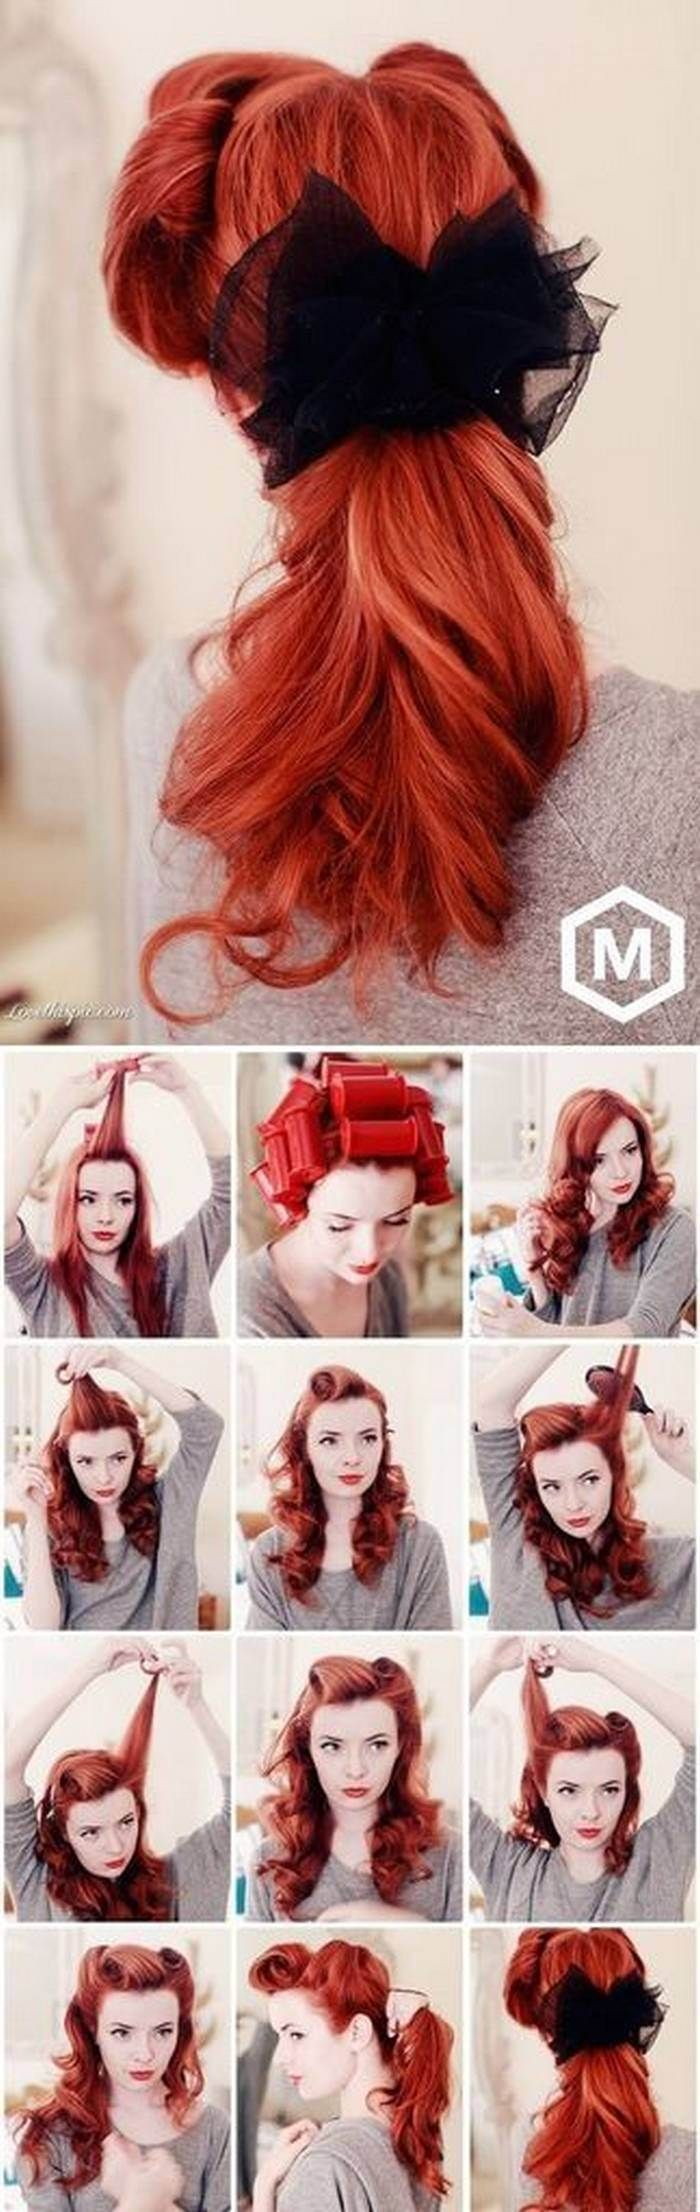 Soy Moda | Tutorial de peinados pin up | http://soymoda.net